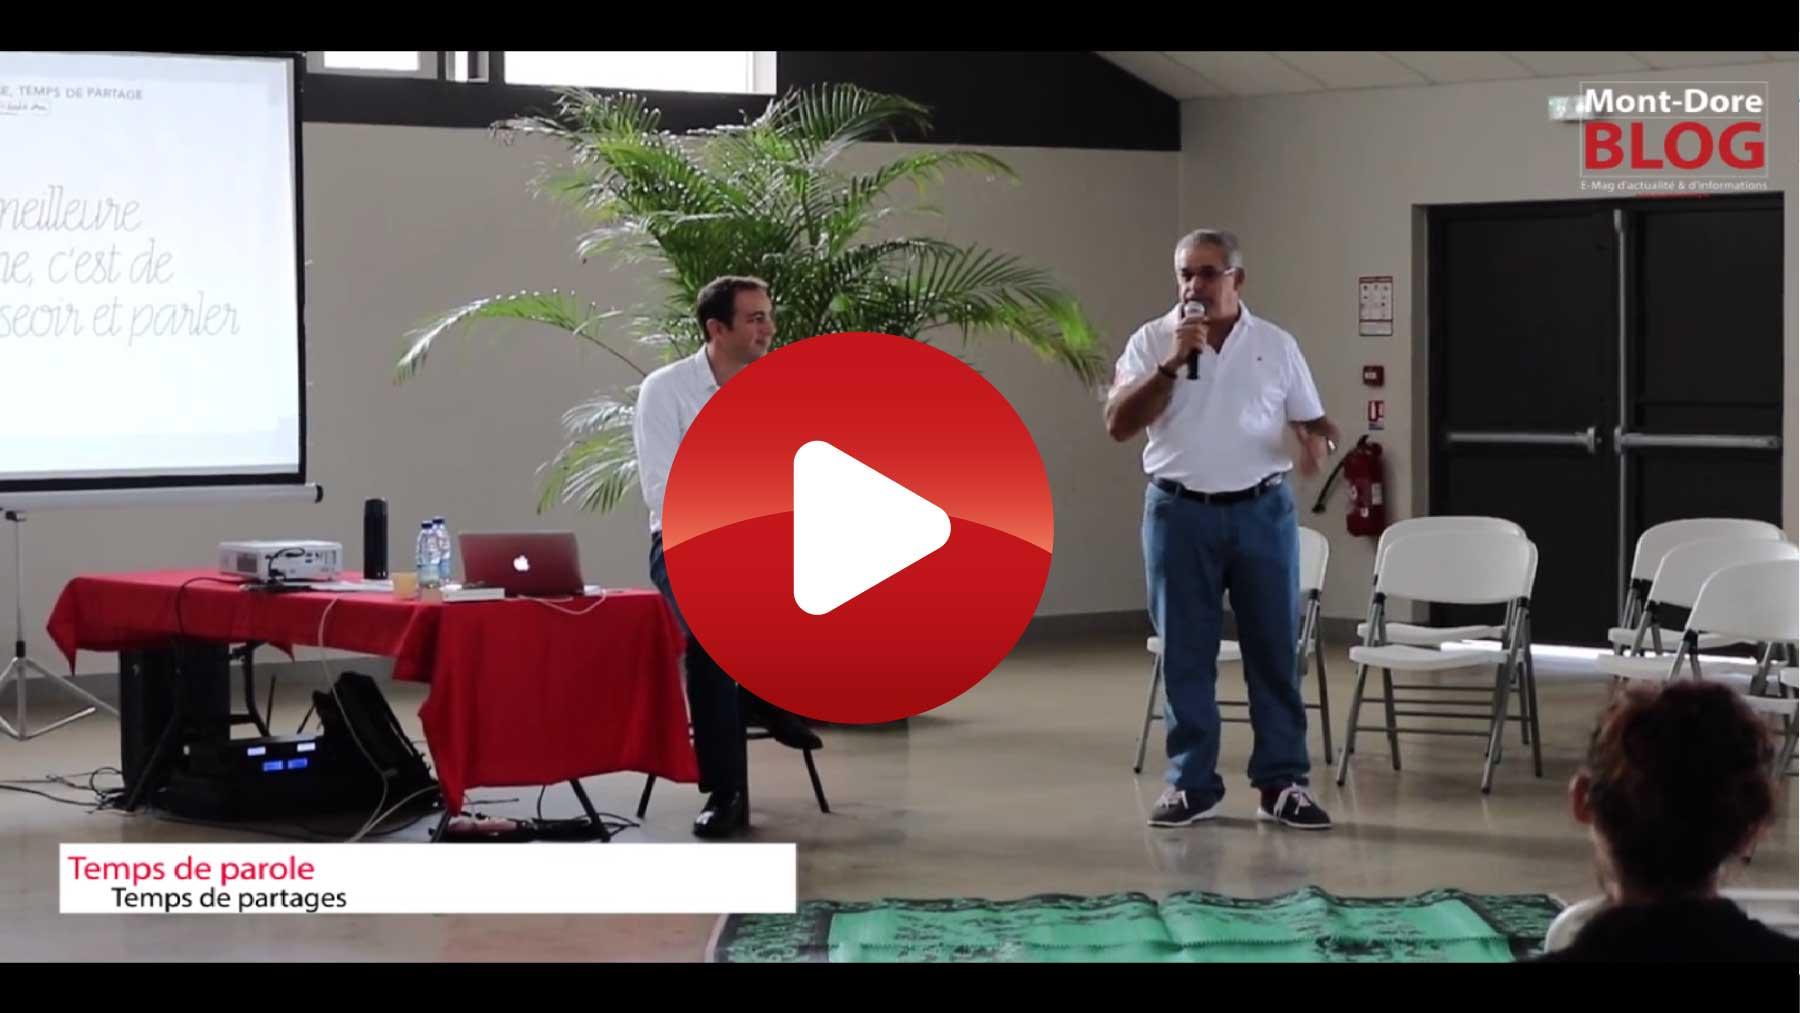 temps de parole 02 extrait 01 Temps de parole, temps de partage dans la commune du Mont Dore